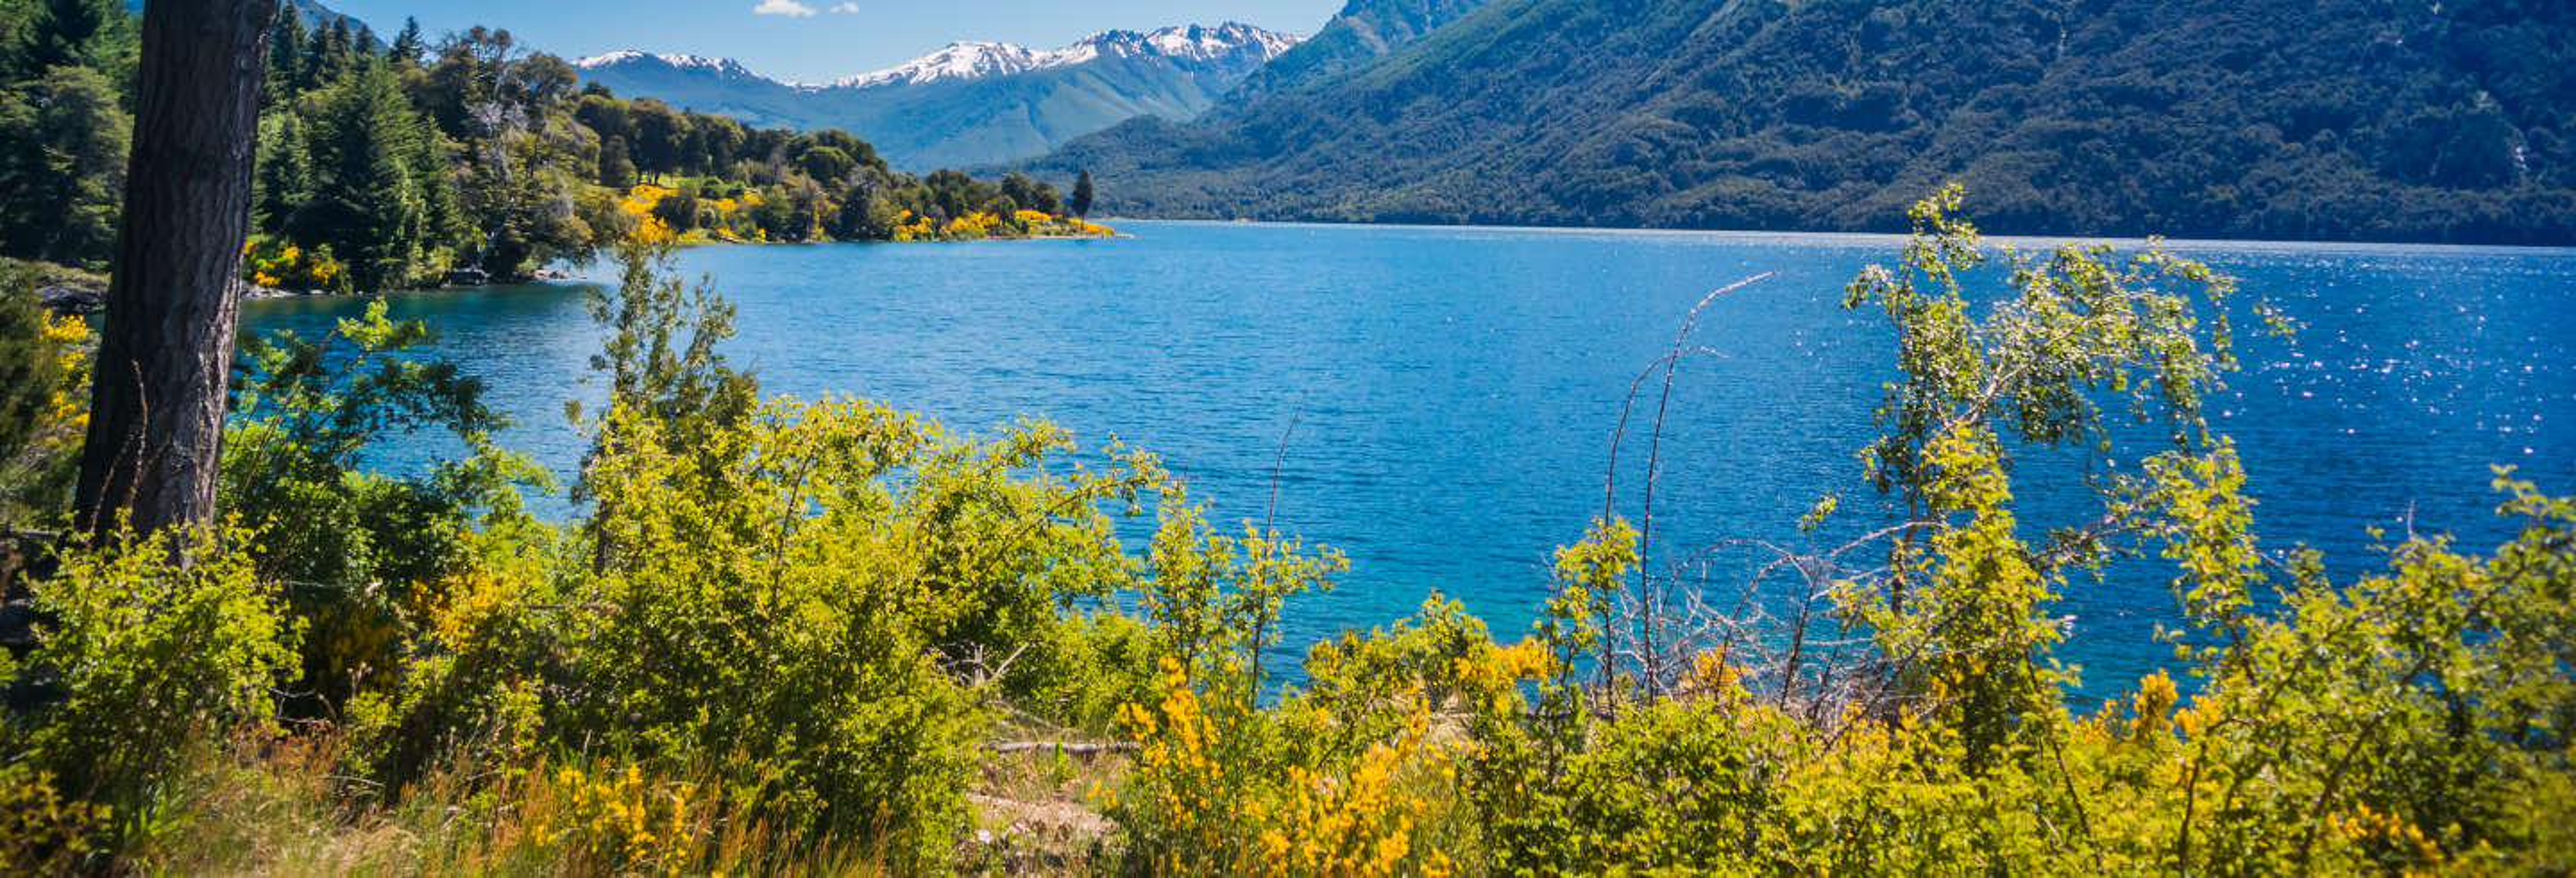 Kayak Tour of Gutiérrez Lake